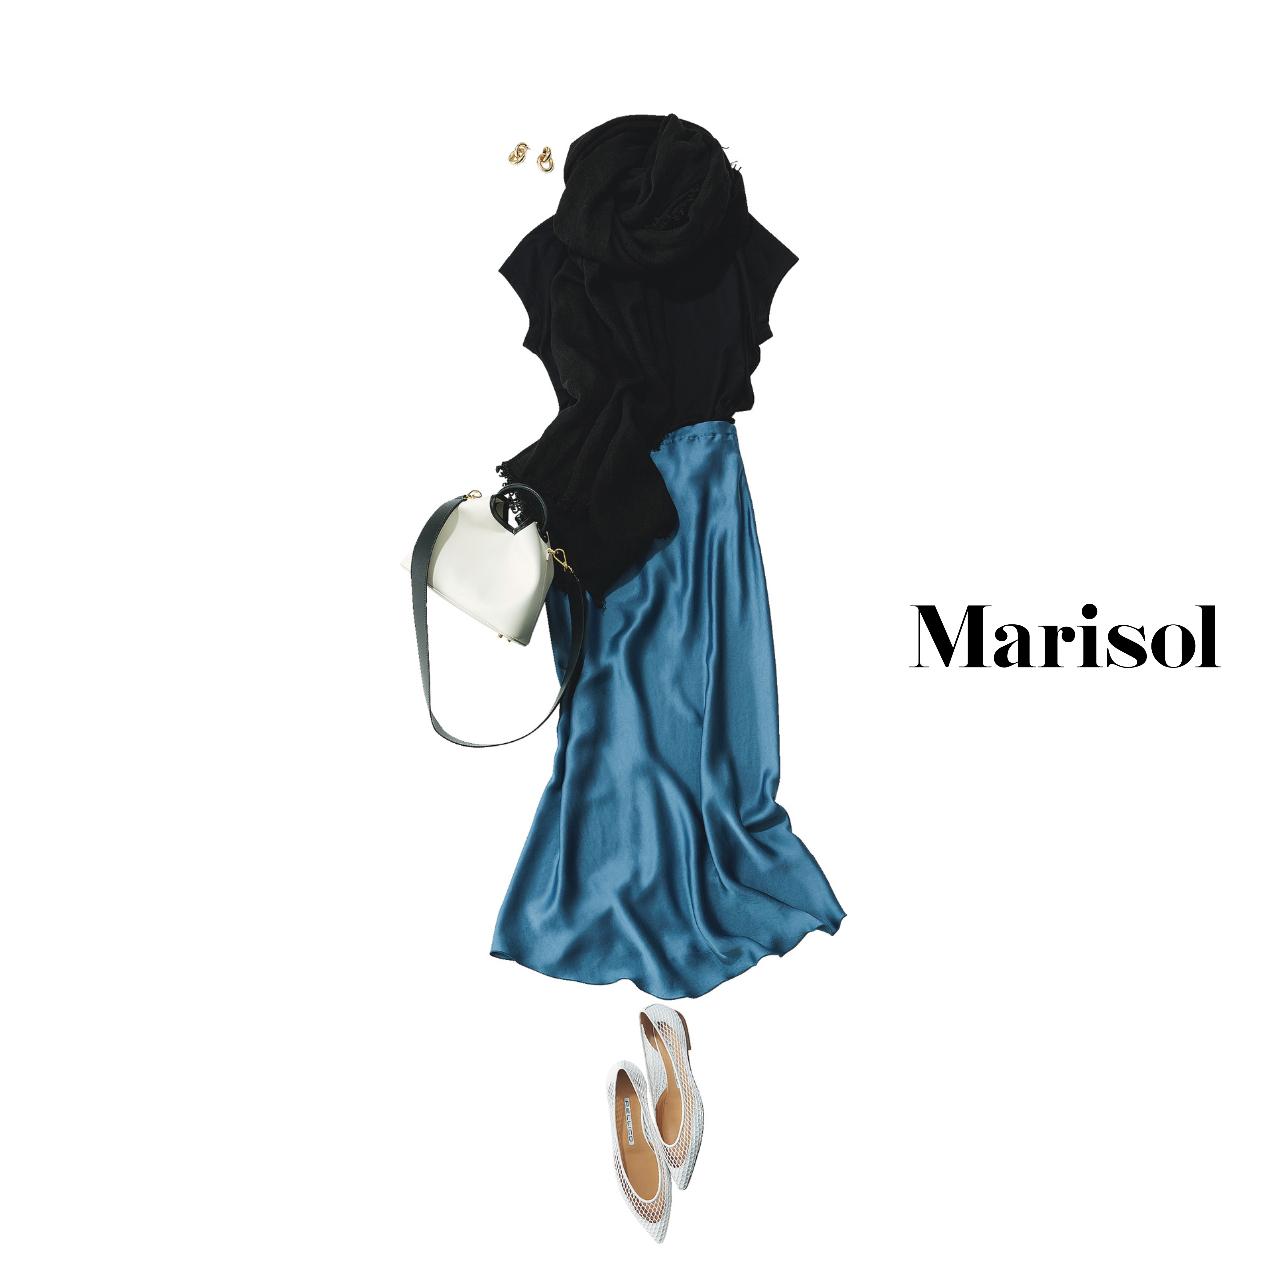 未発売のGU、ここだけの話から今季「ブリックレッド」のドレスを選ぶ理由まで【ファッション人気記事ランキングトップ10】_1_8